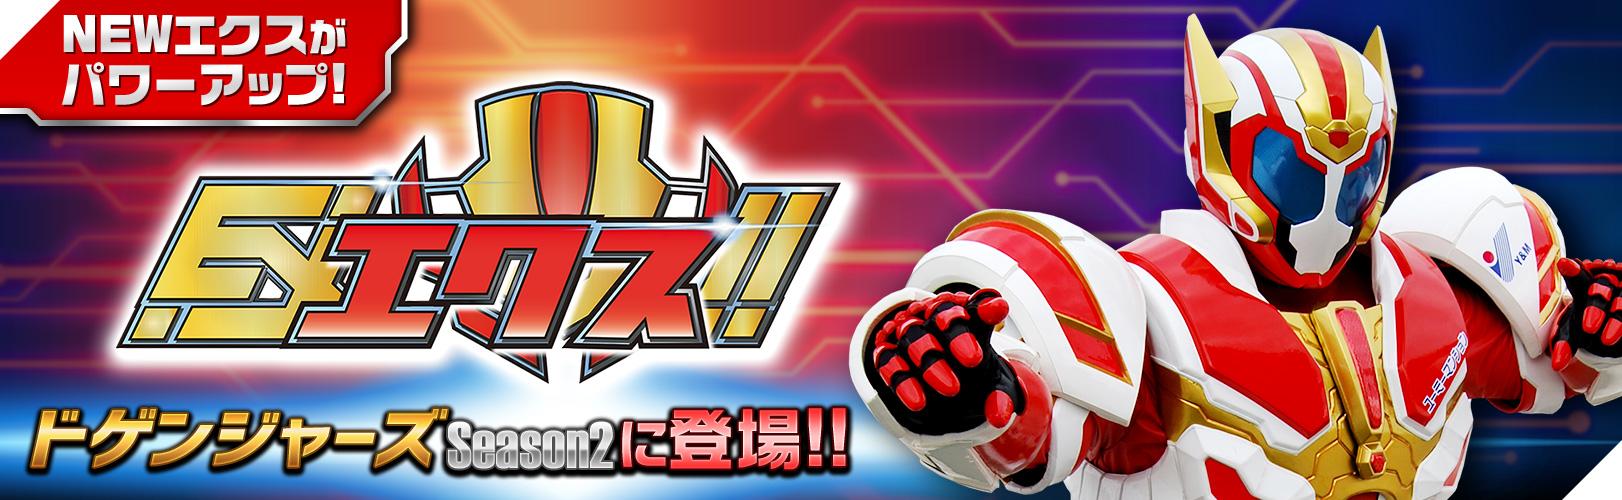 エクス【NEWエクスがパワーアップ!】ドゲンジャーズSeason2に登場!